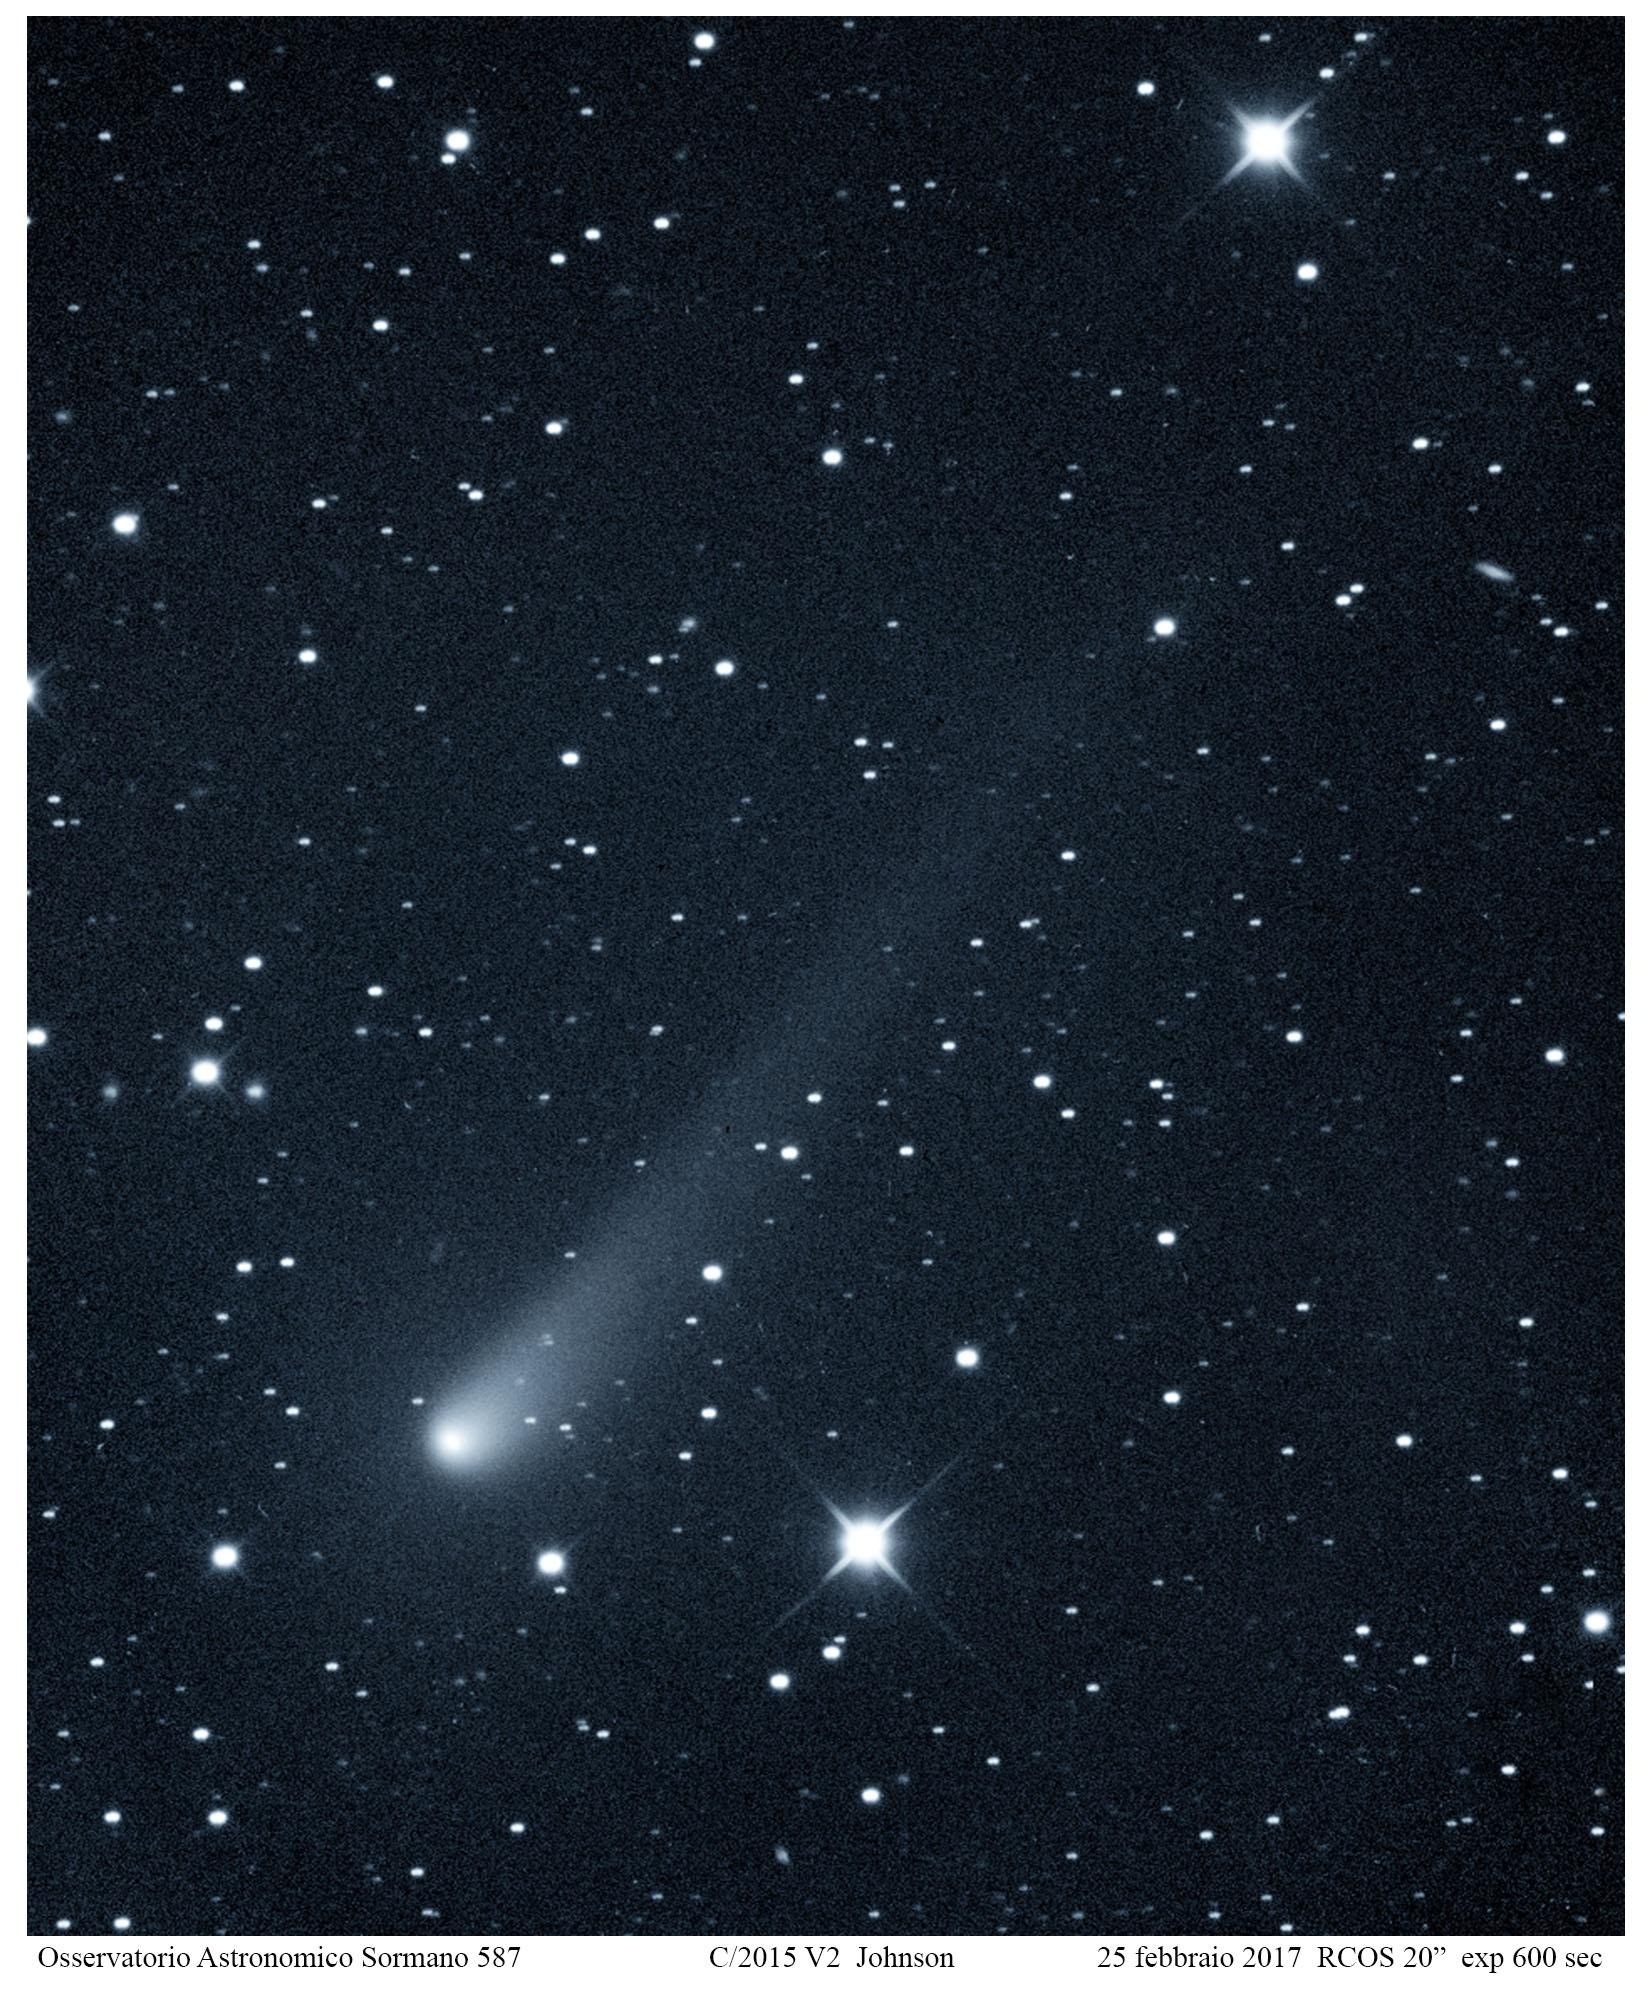 Immagine 2 - Le comete 45P e Johnson